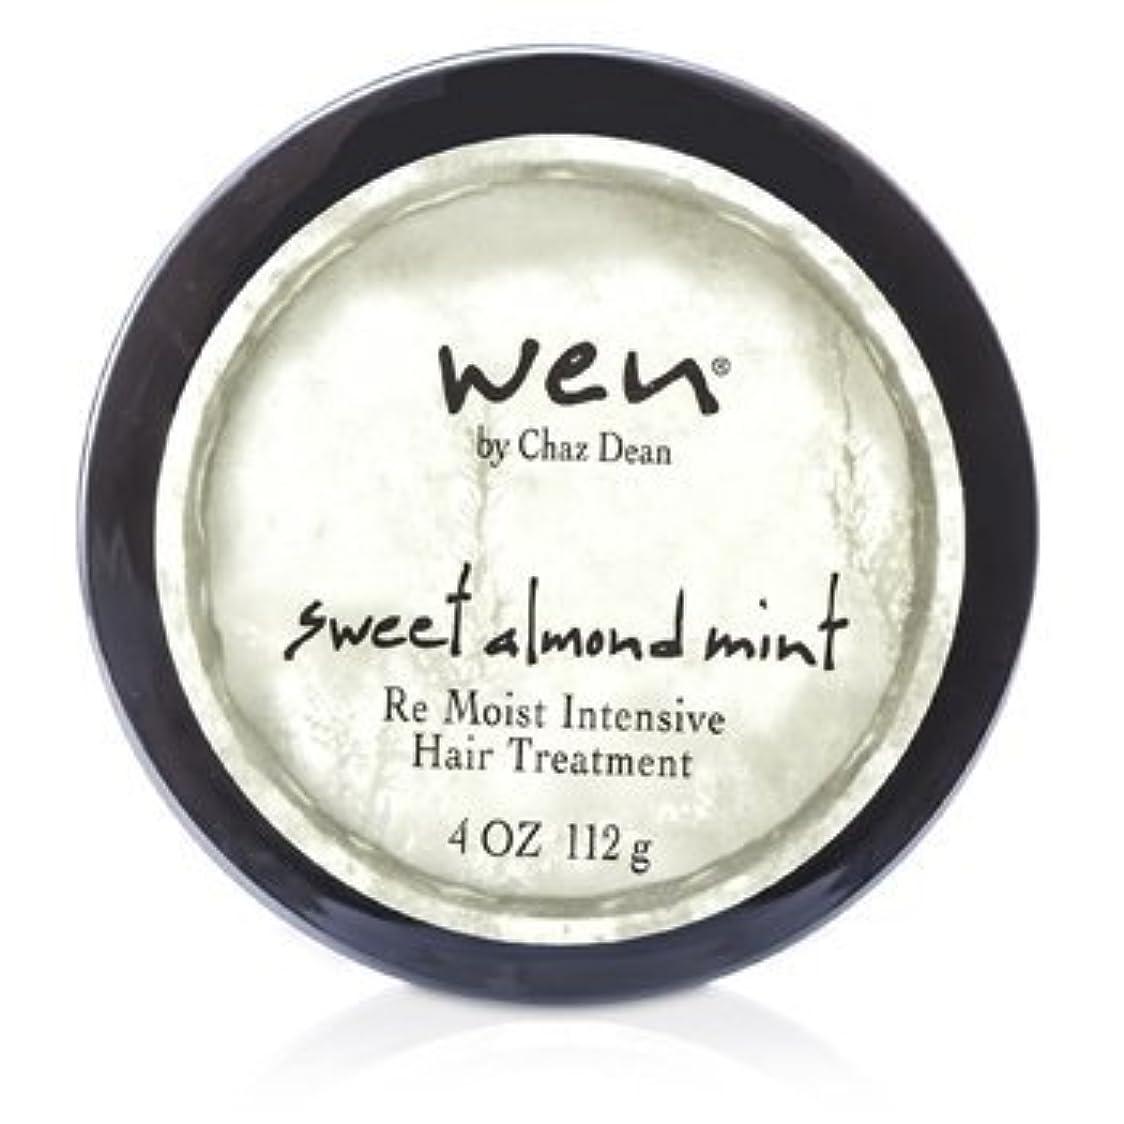 拡散するビルダー扇動WEN Re Moist Intensive Hair Treatment 112g sweet almond mint [並行輸入品]